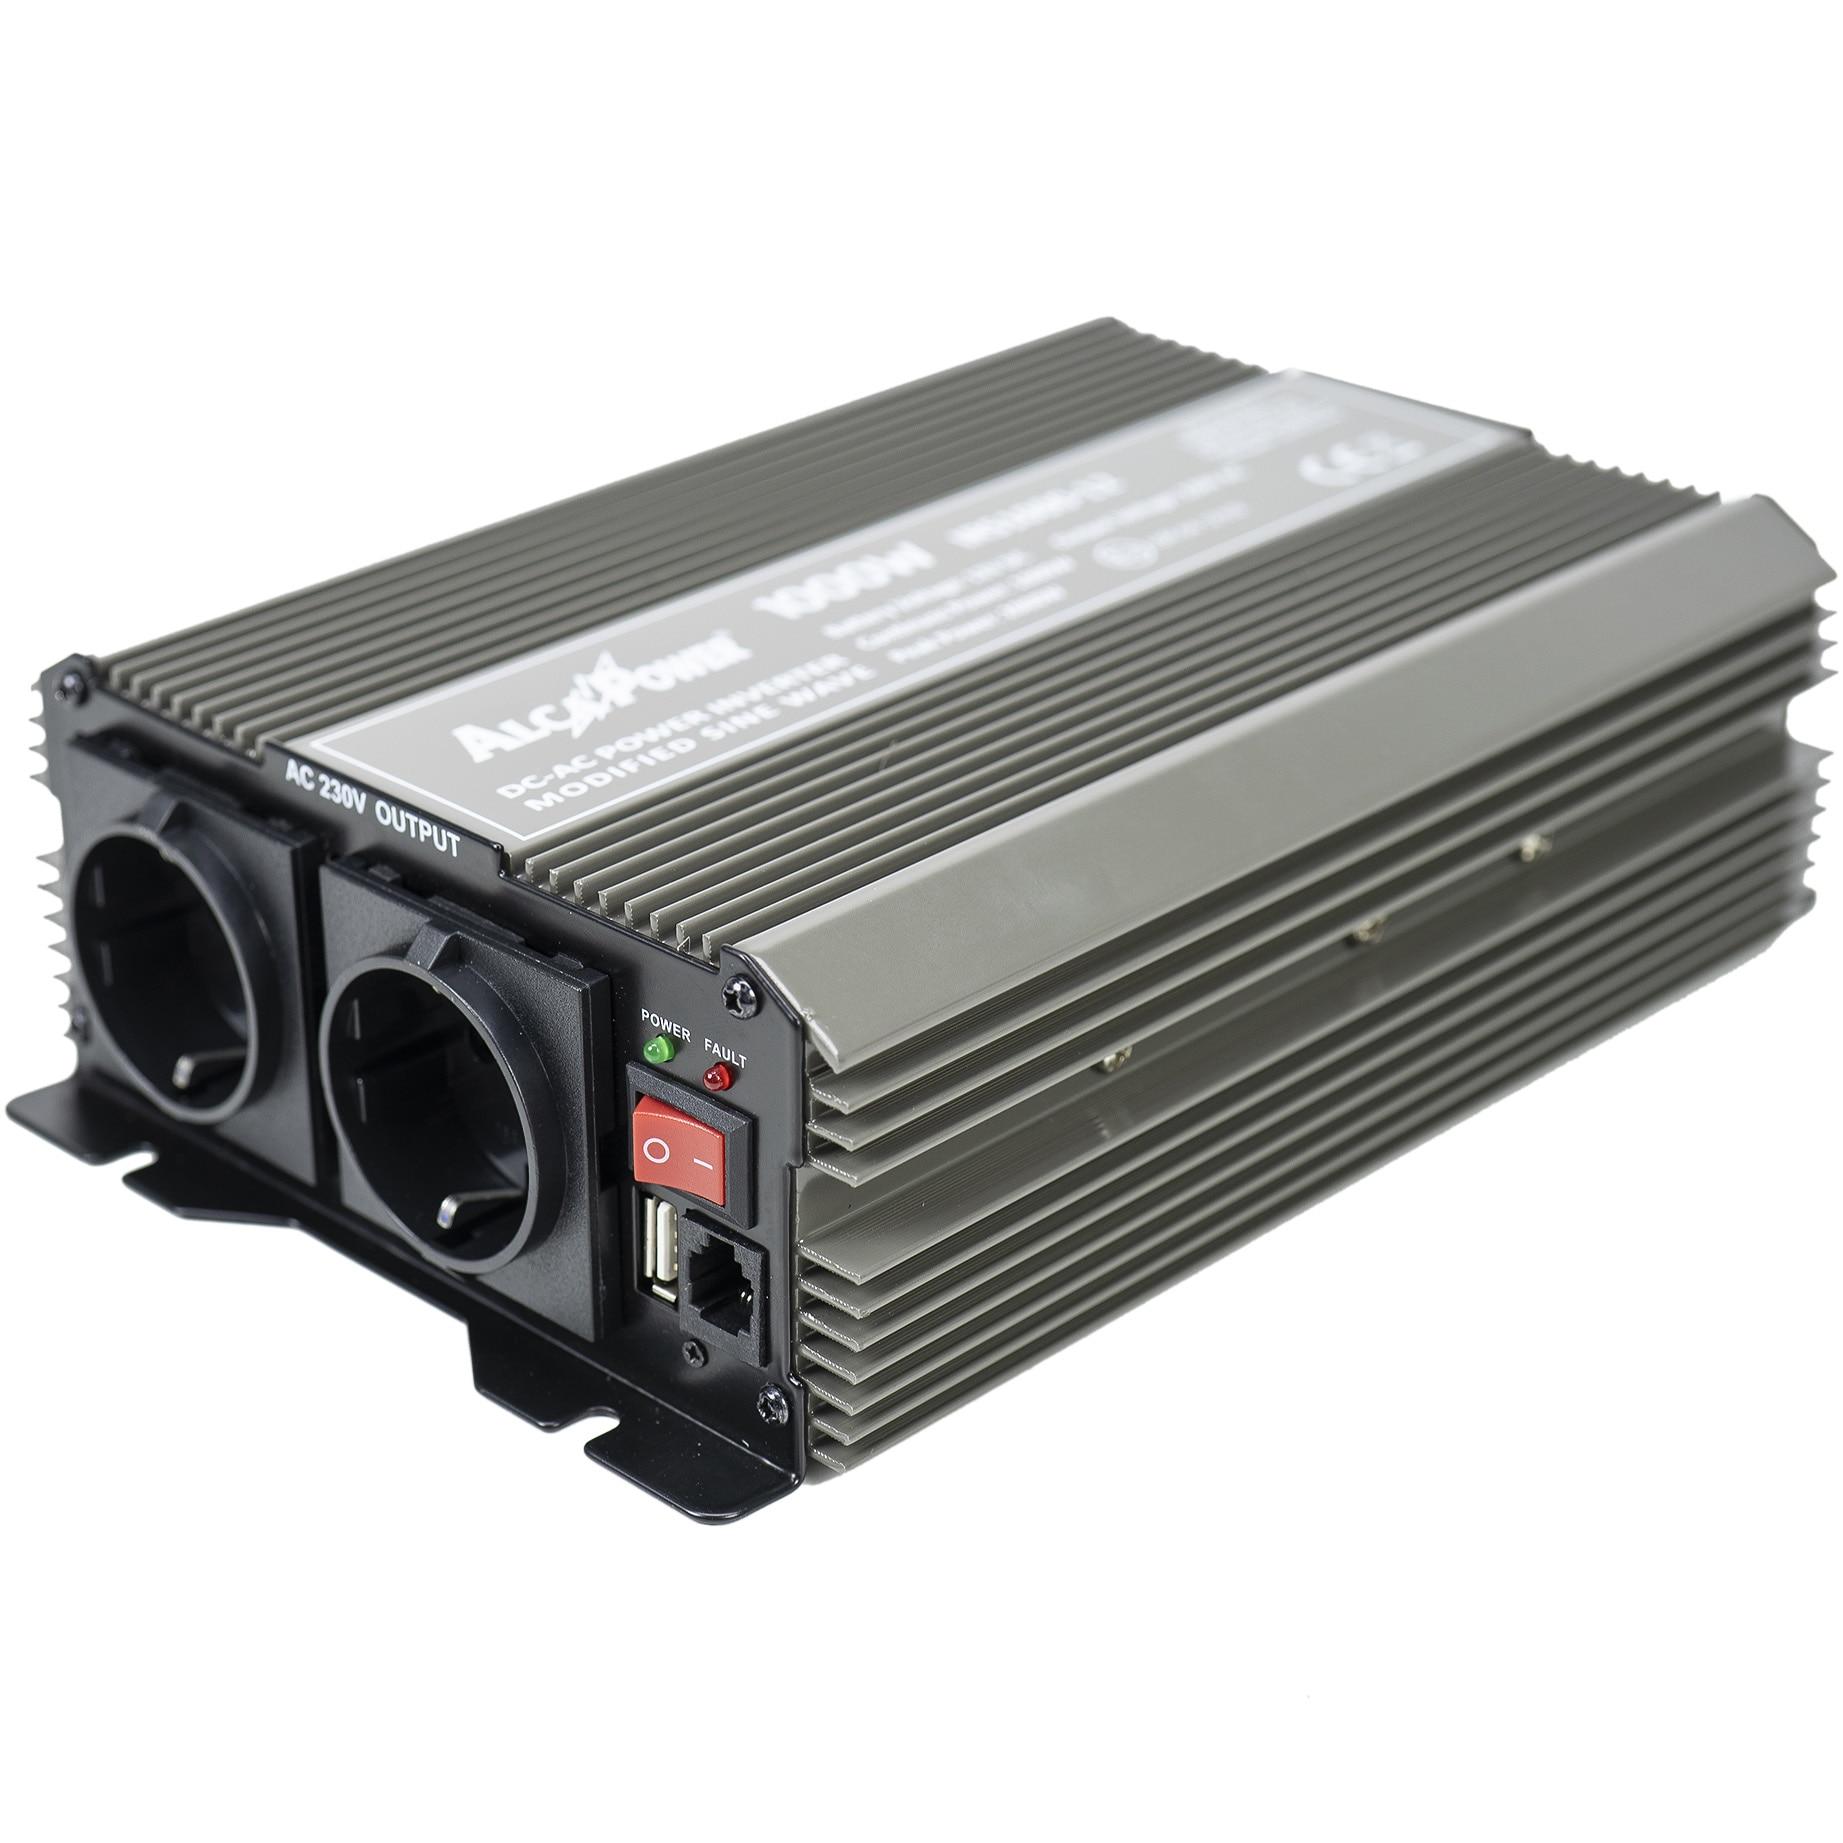 Fotografie Invertor de tensiune AlcaPower by President 1000W 12V-230V, sinusoida modificata, port USB, intrare telecomanda